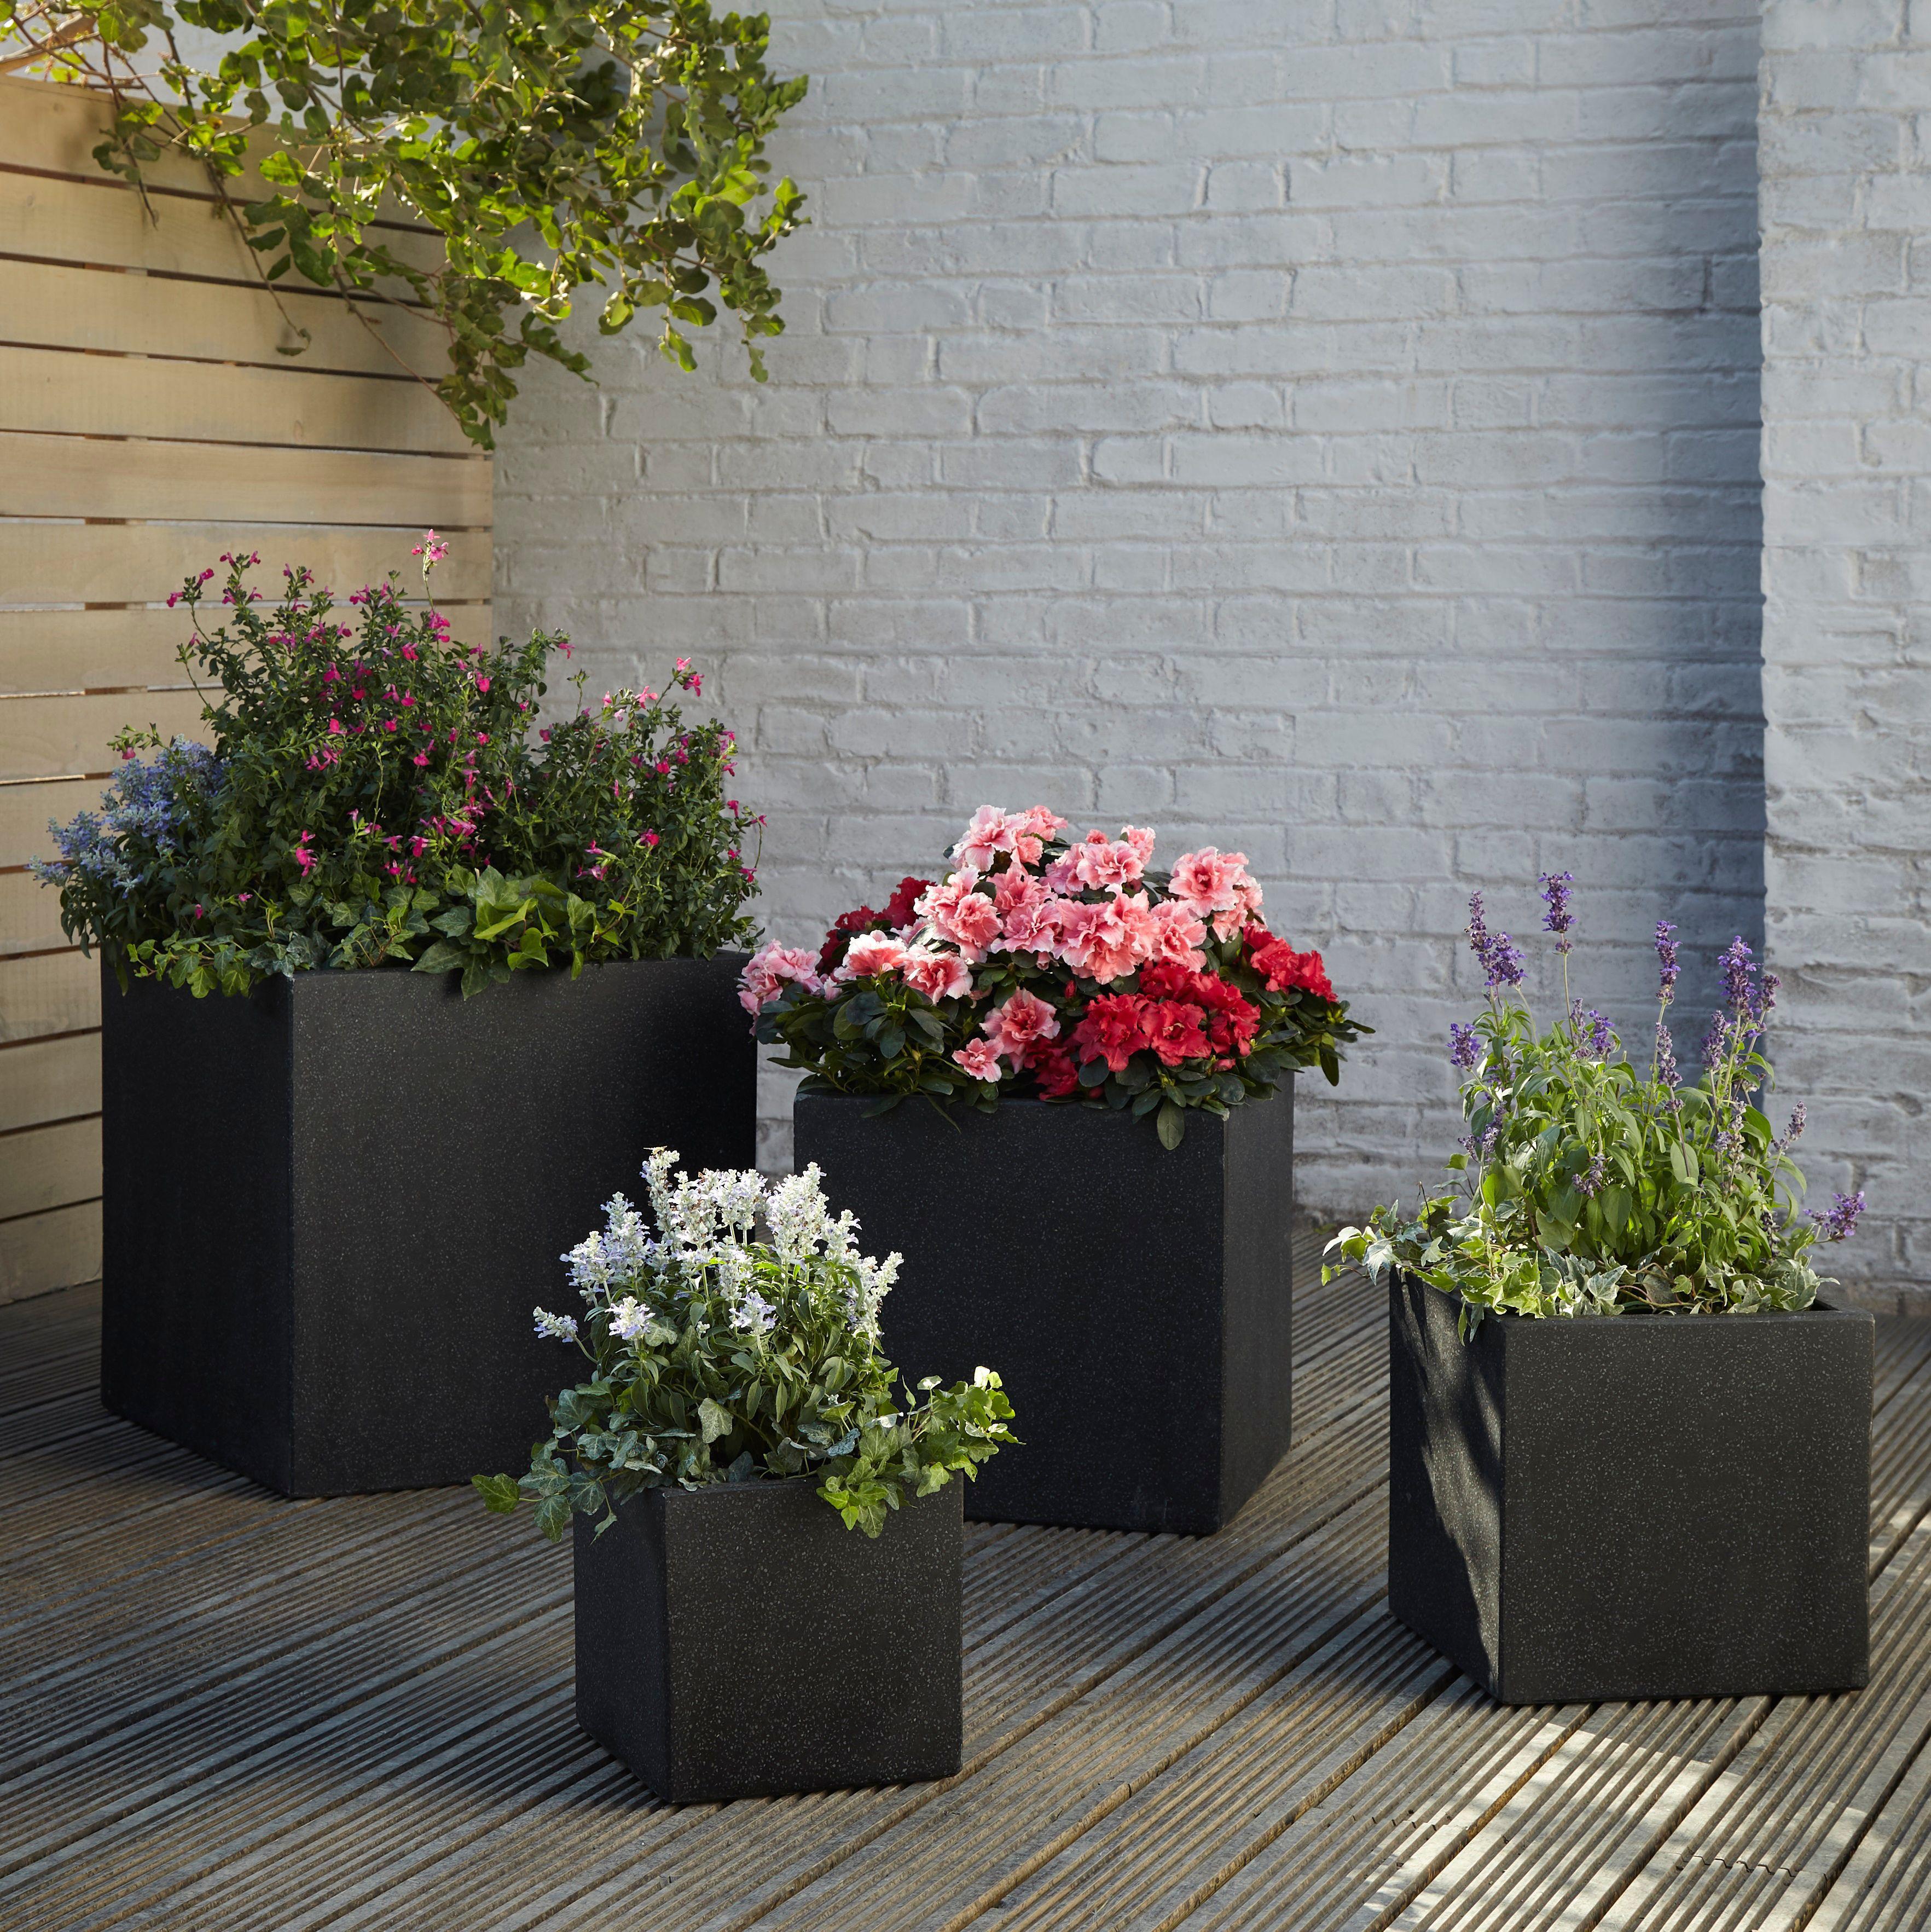 گیاهان در محوطه سازی باغ کوچک